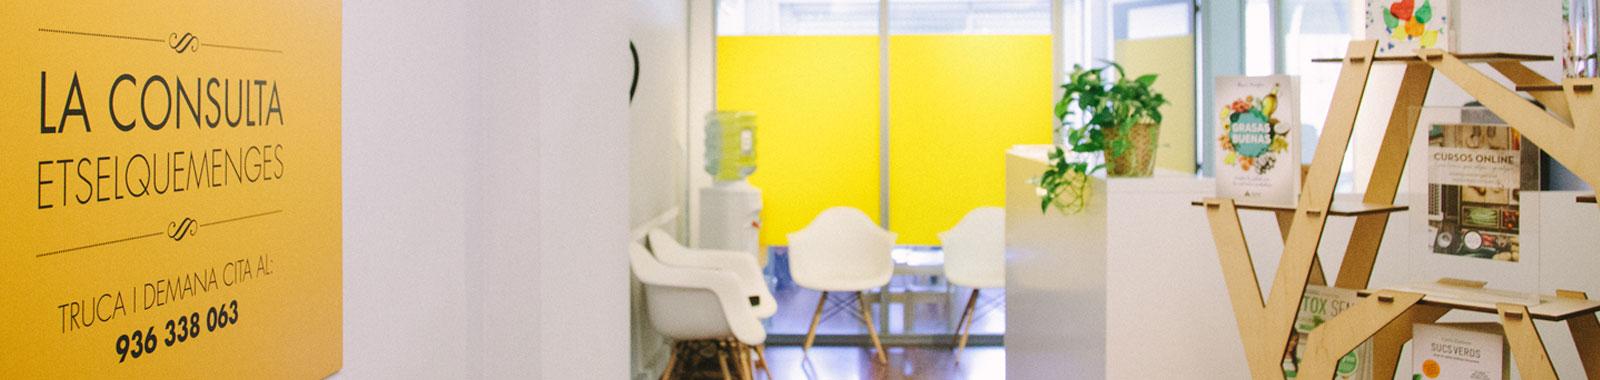 Foto interior La Consulta d'Etselquemenges 01